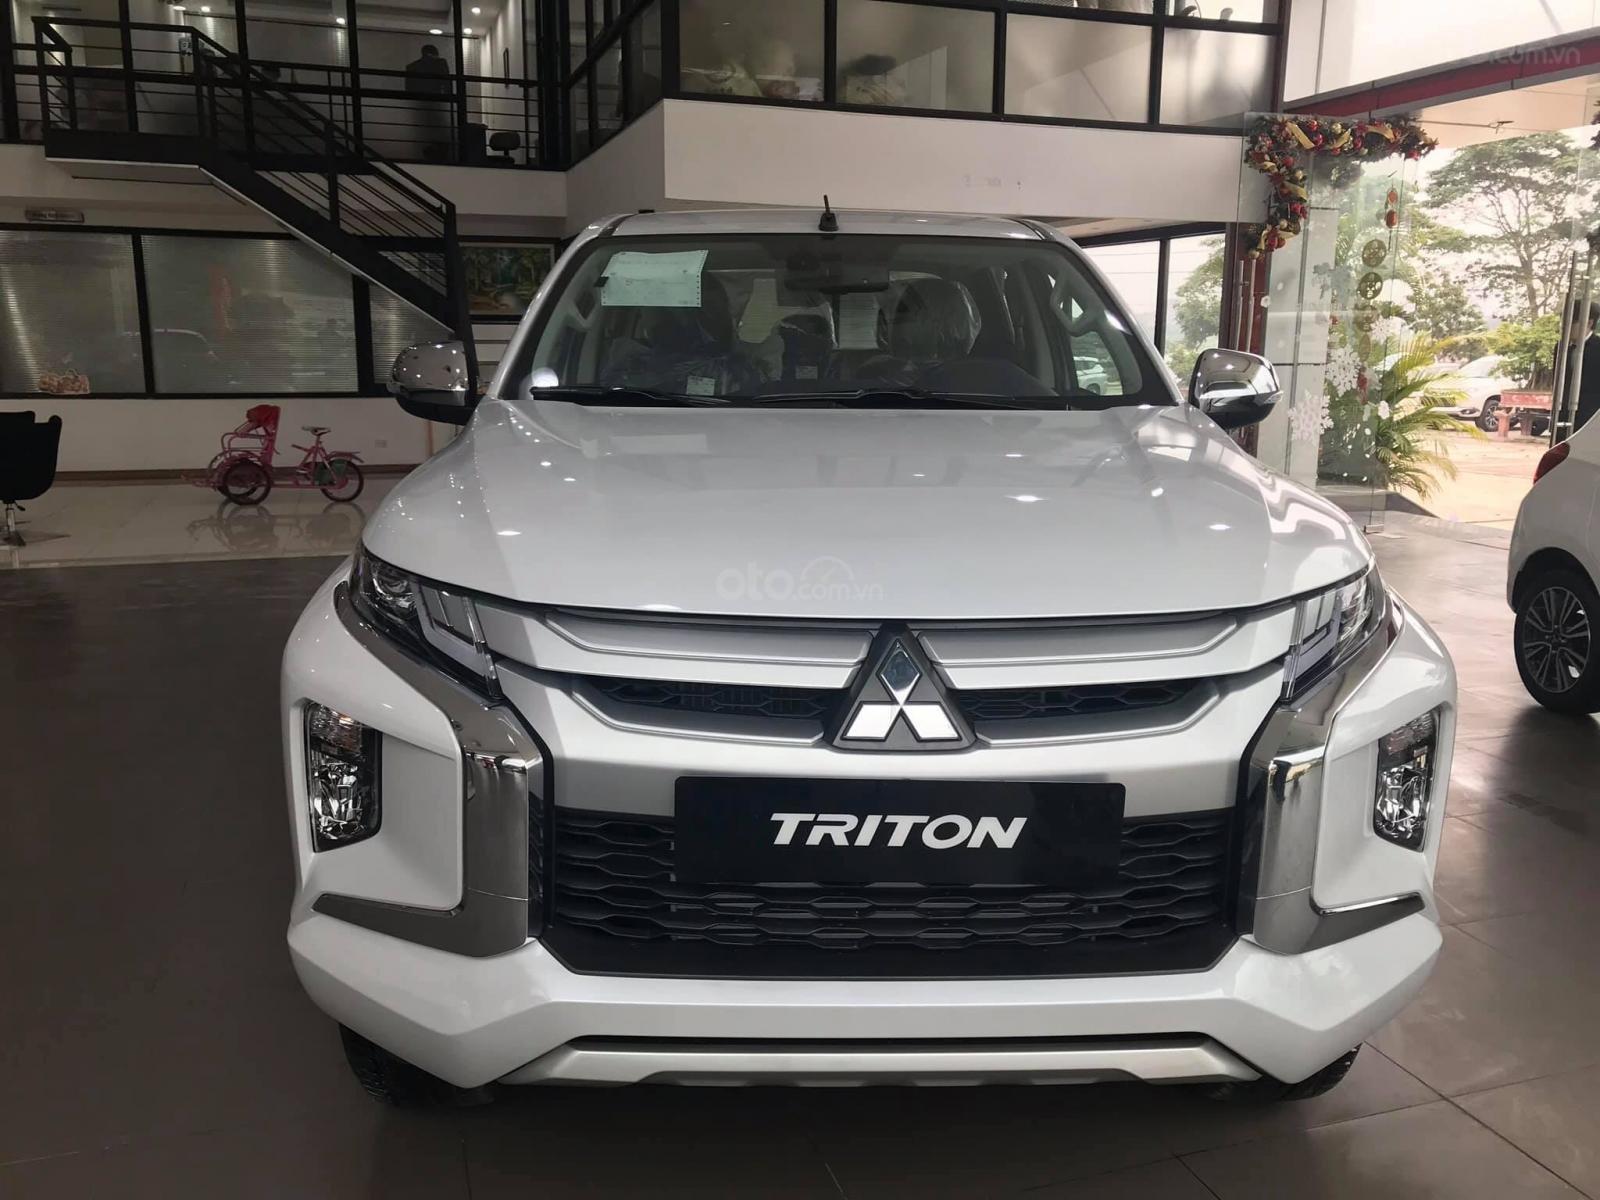 Bán ô tô Mitsubishi Triton sản xuất 2019, màu xám (ghi), xe nhập-1